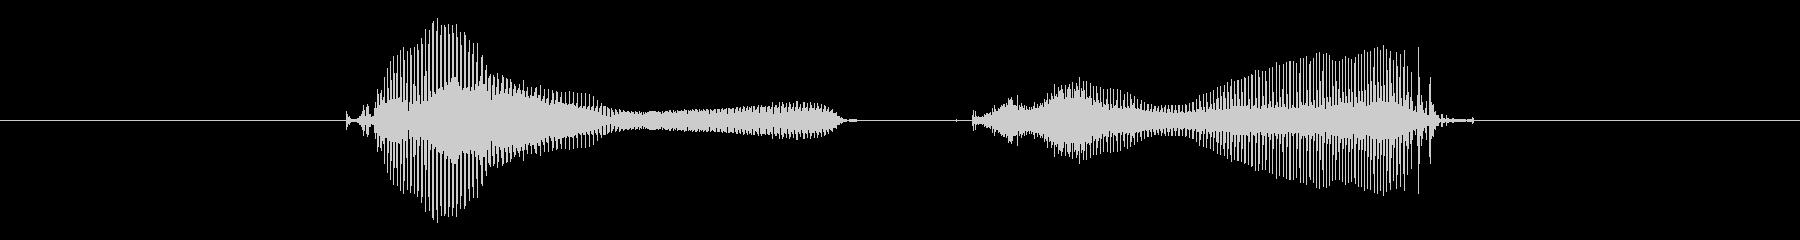 【おっとり】こんにちは。の未再生の波形